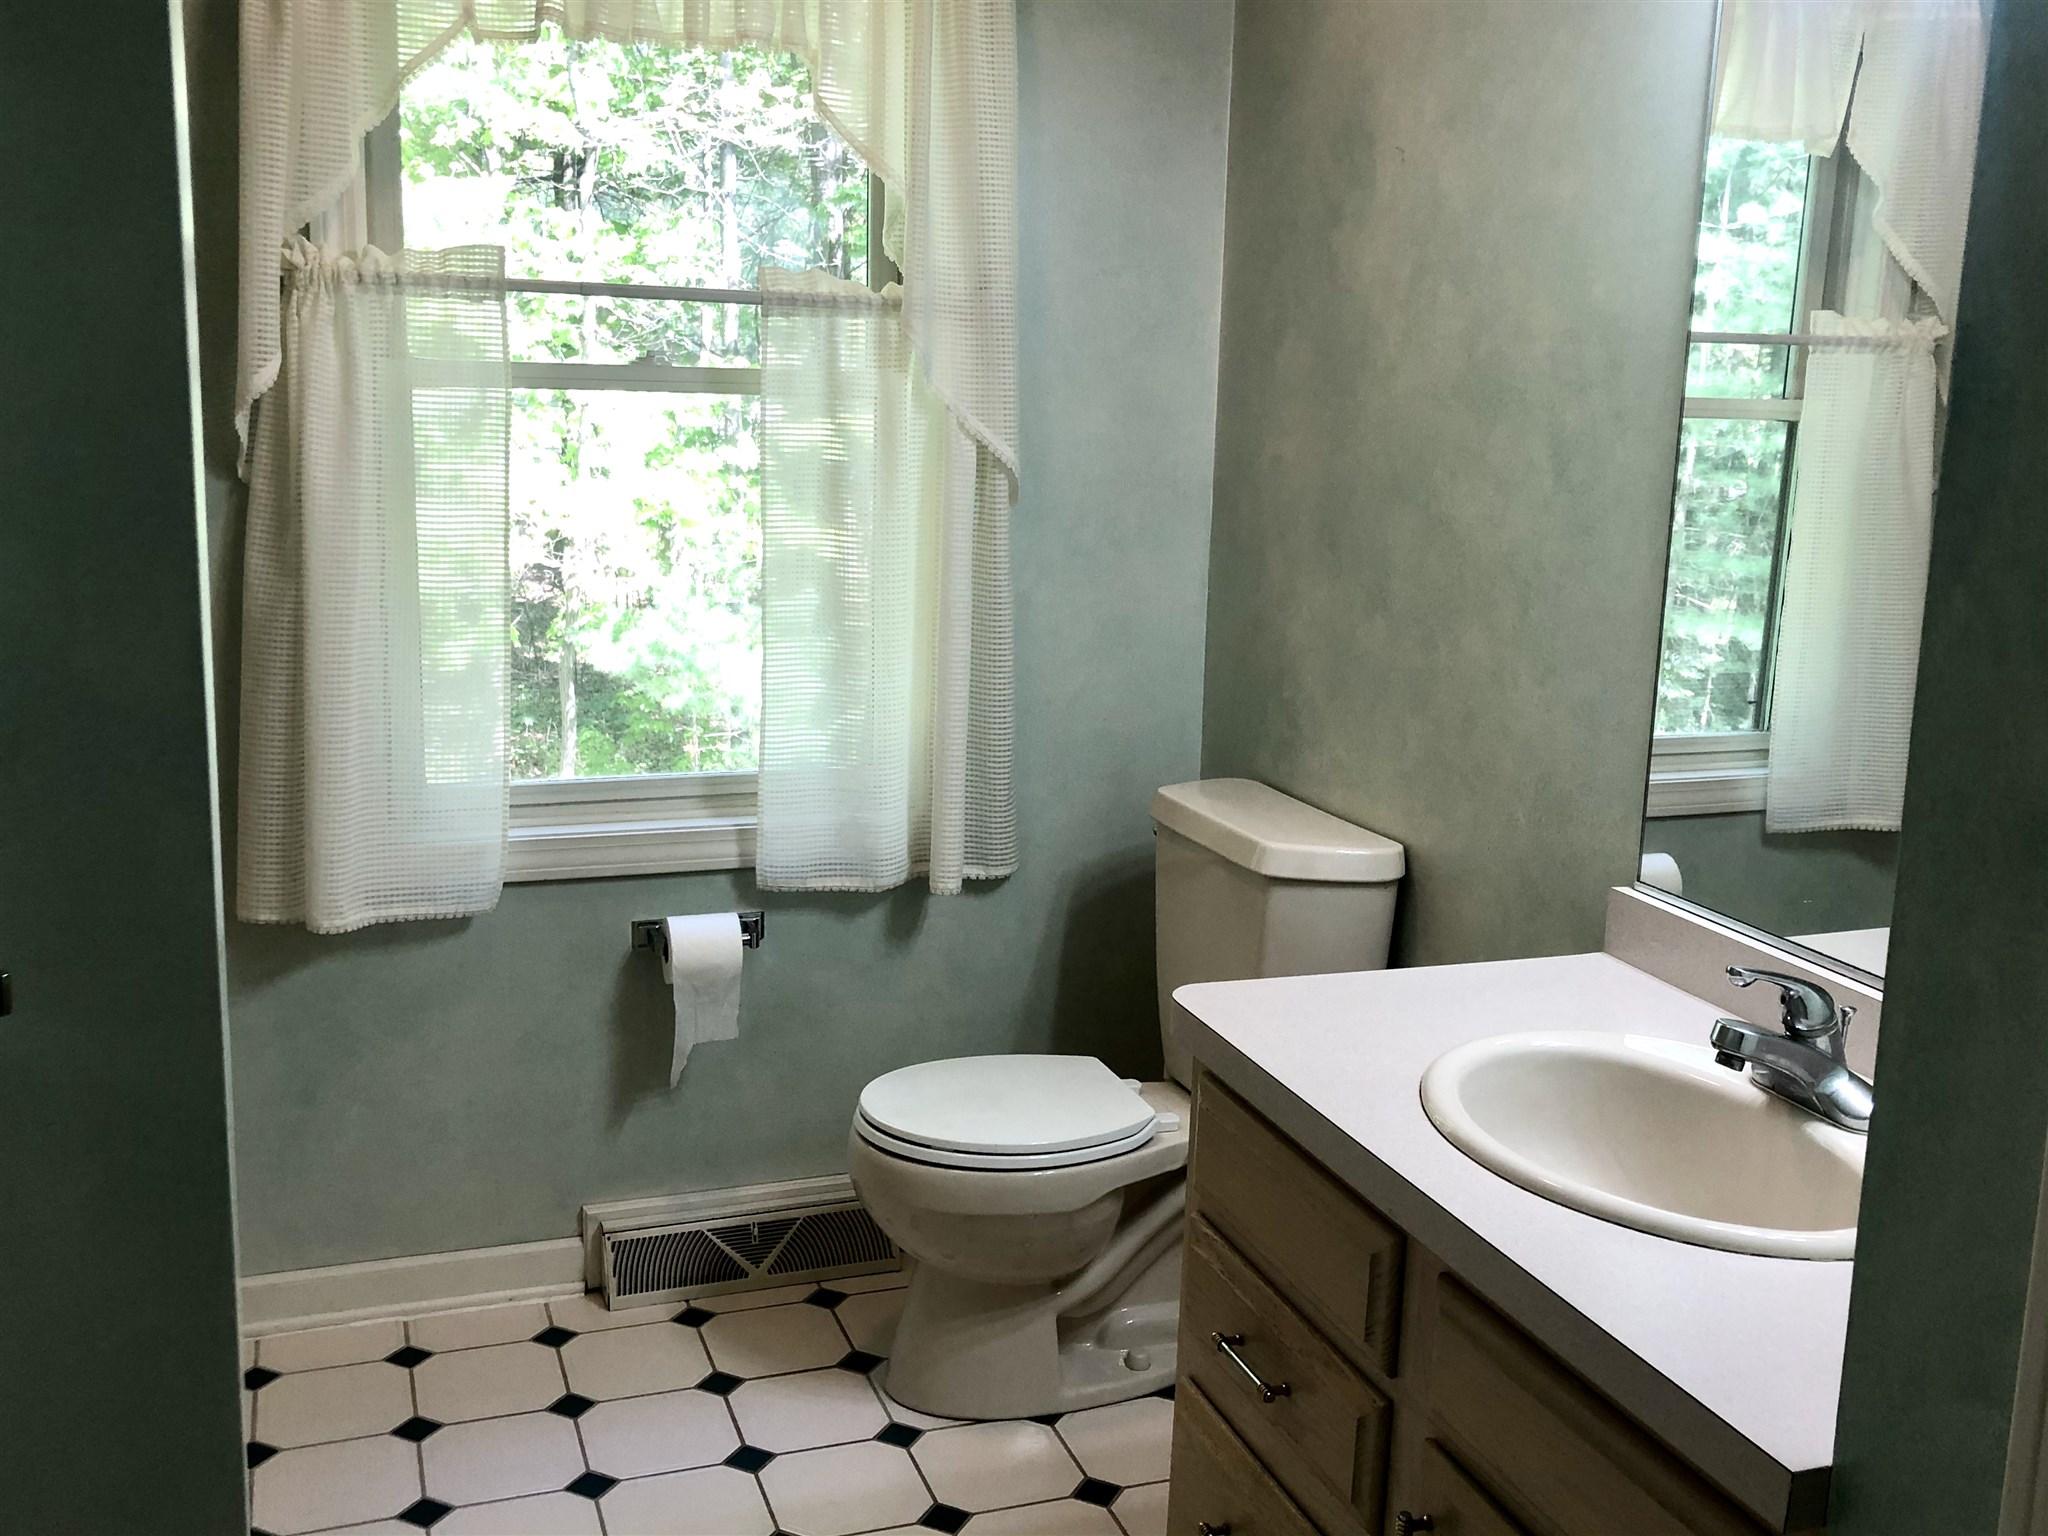 Saratoga S image 27